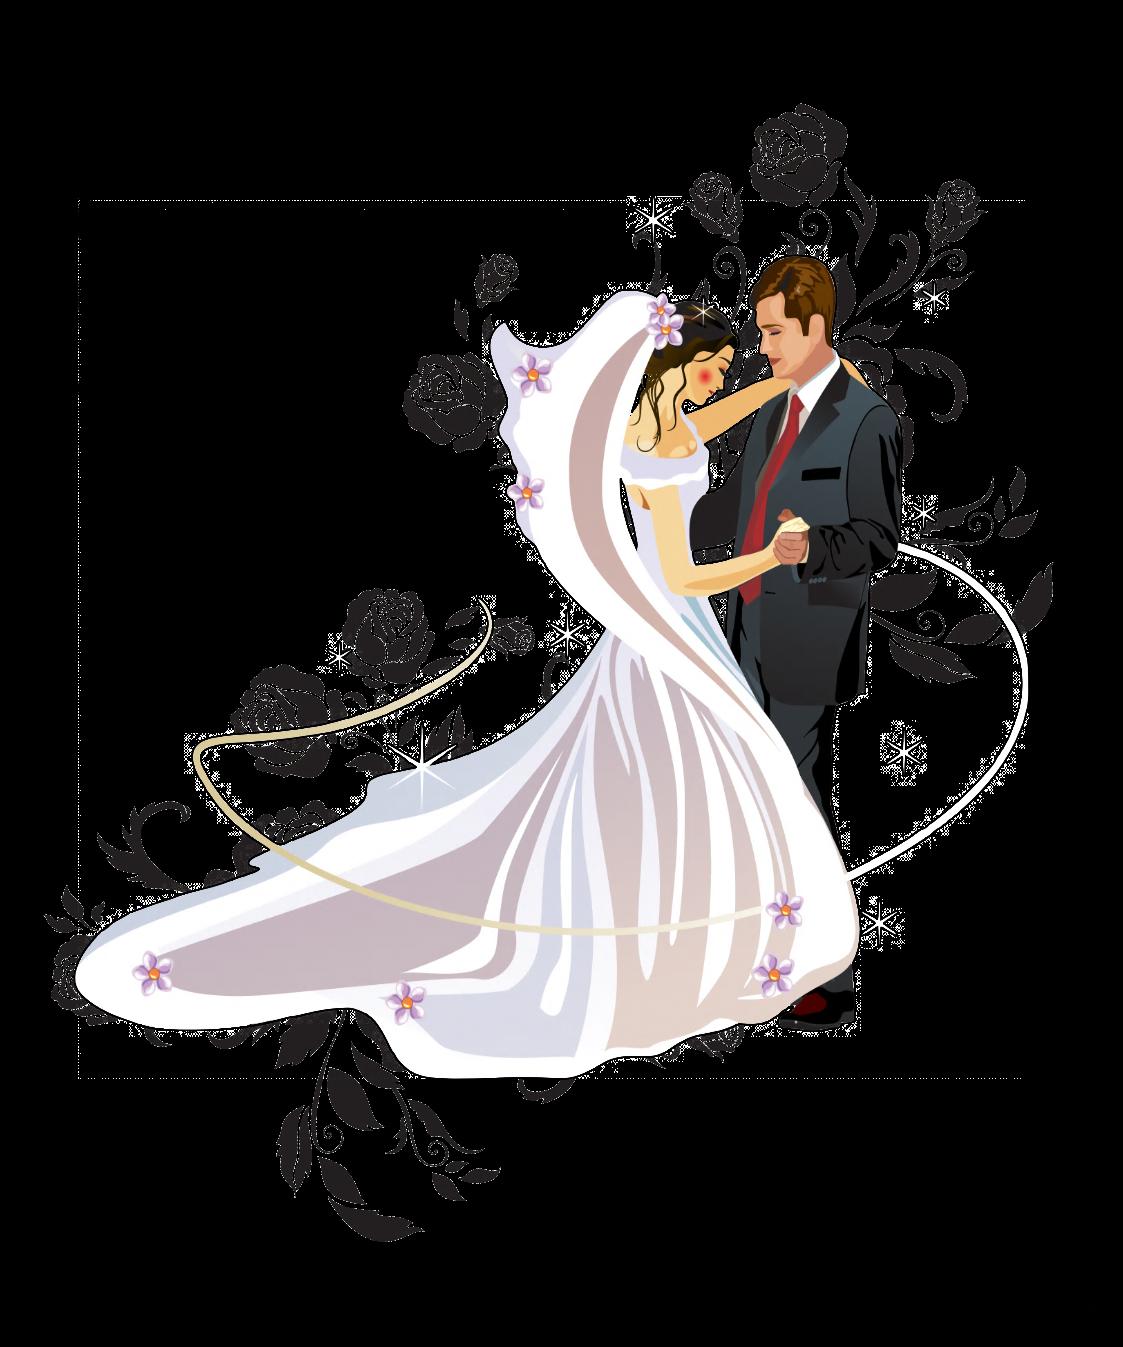 Wedding Drawings: Pin On Przydasie ślubne